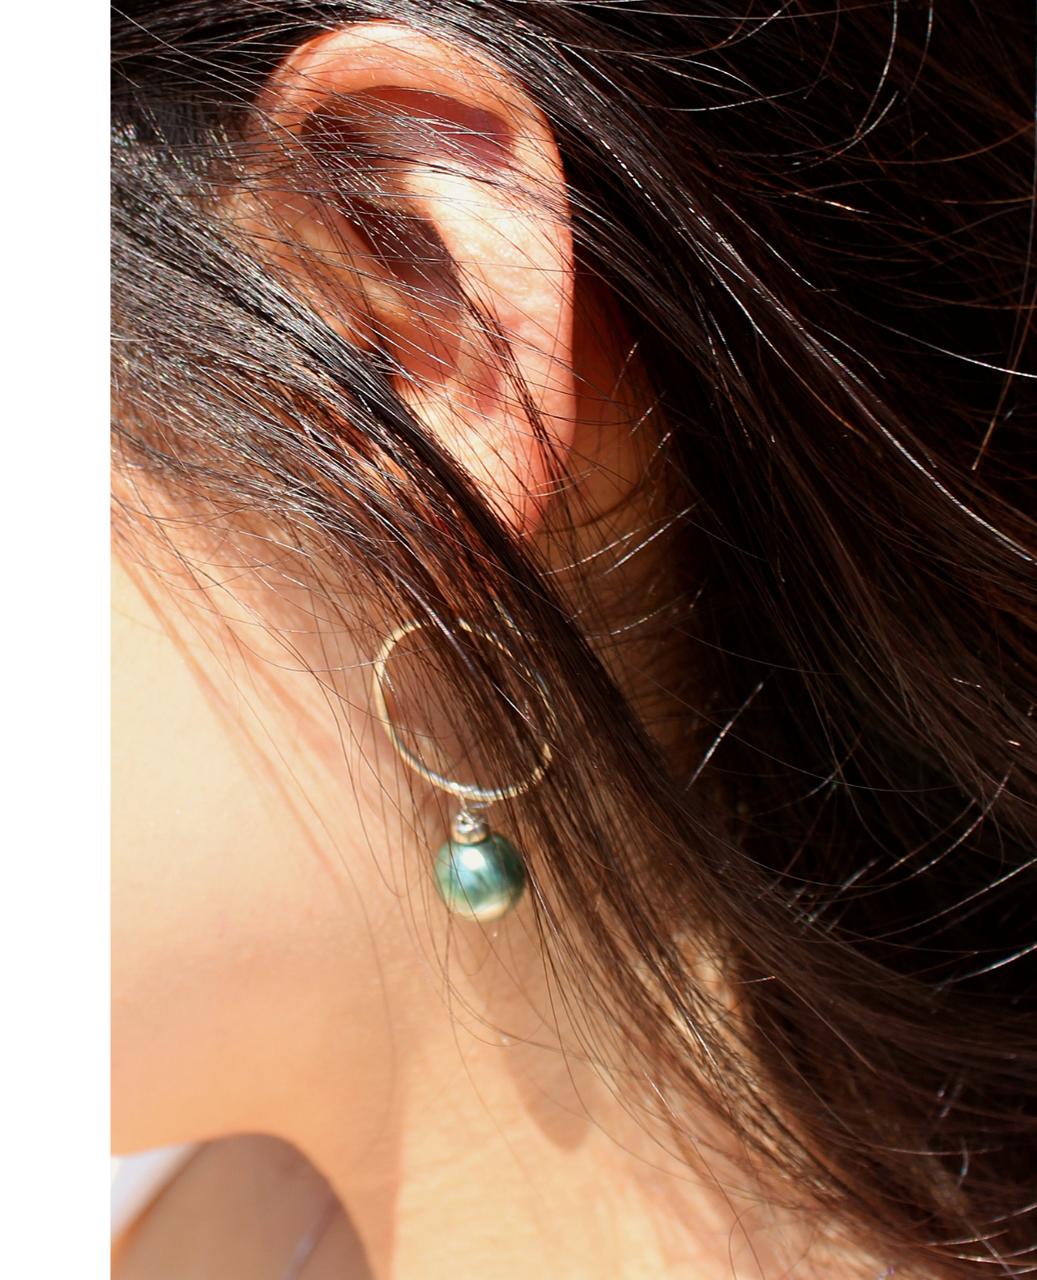 sterling hoop green pearl earring on earlobe and hanging hair